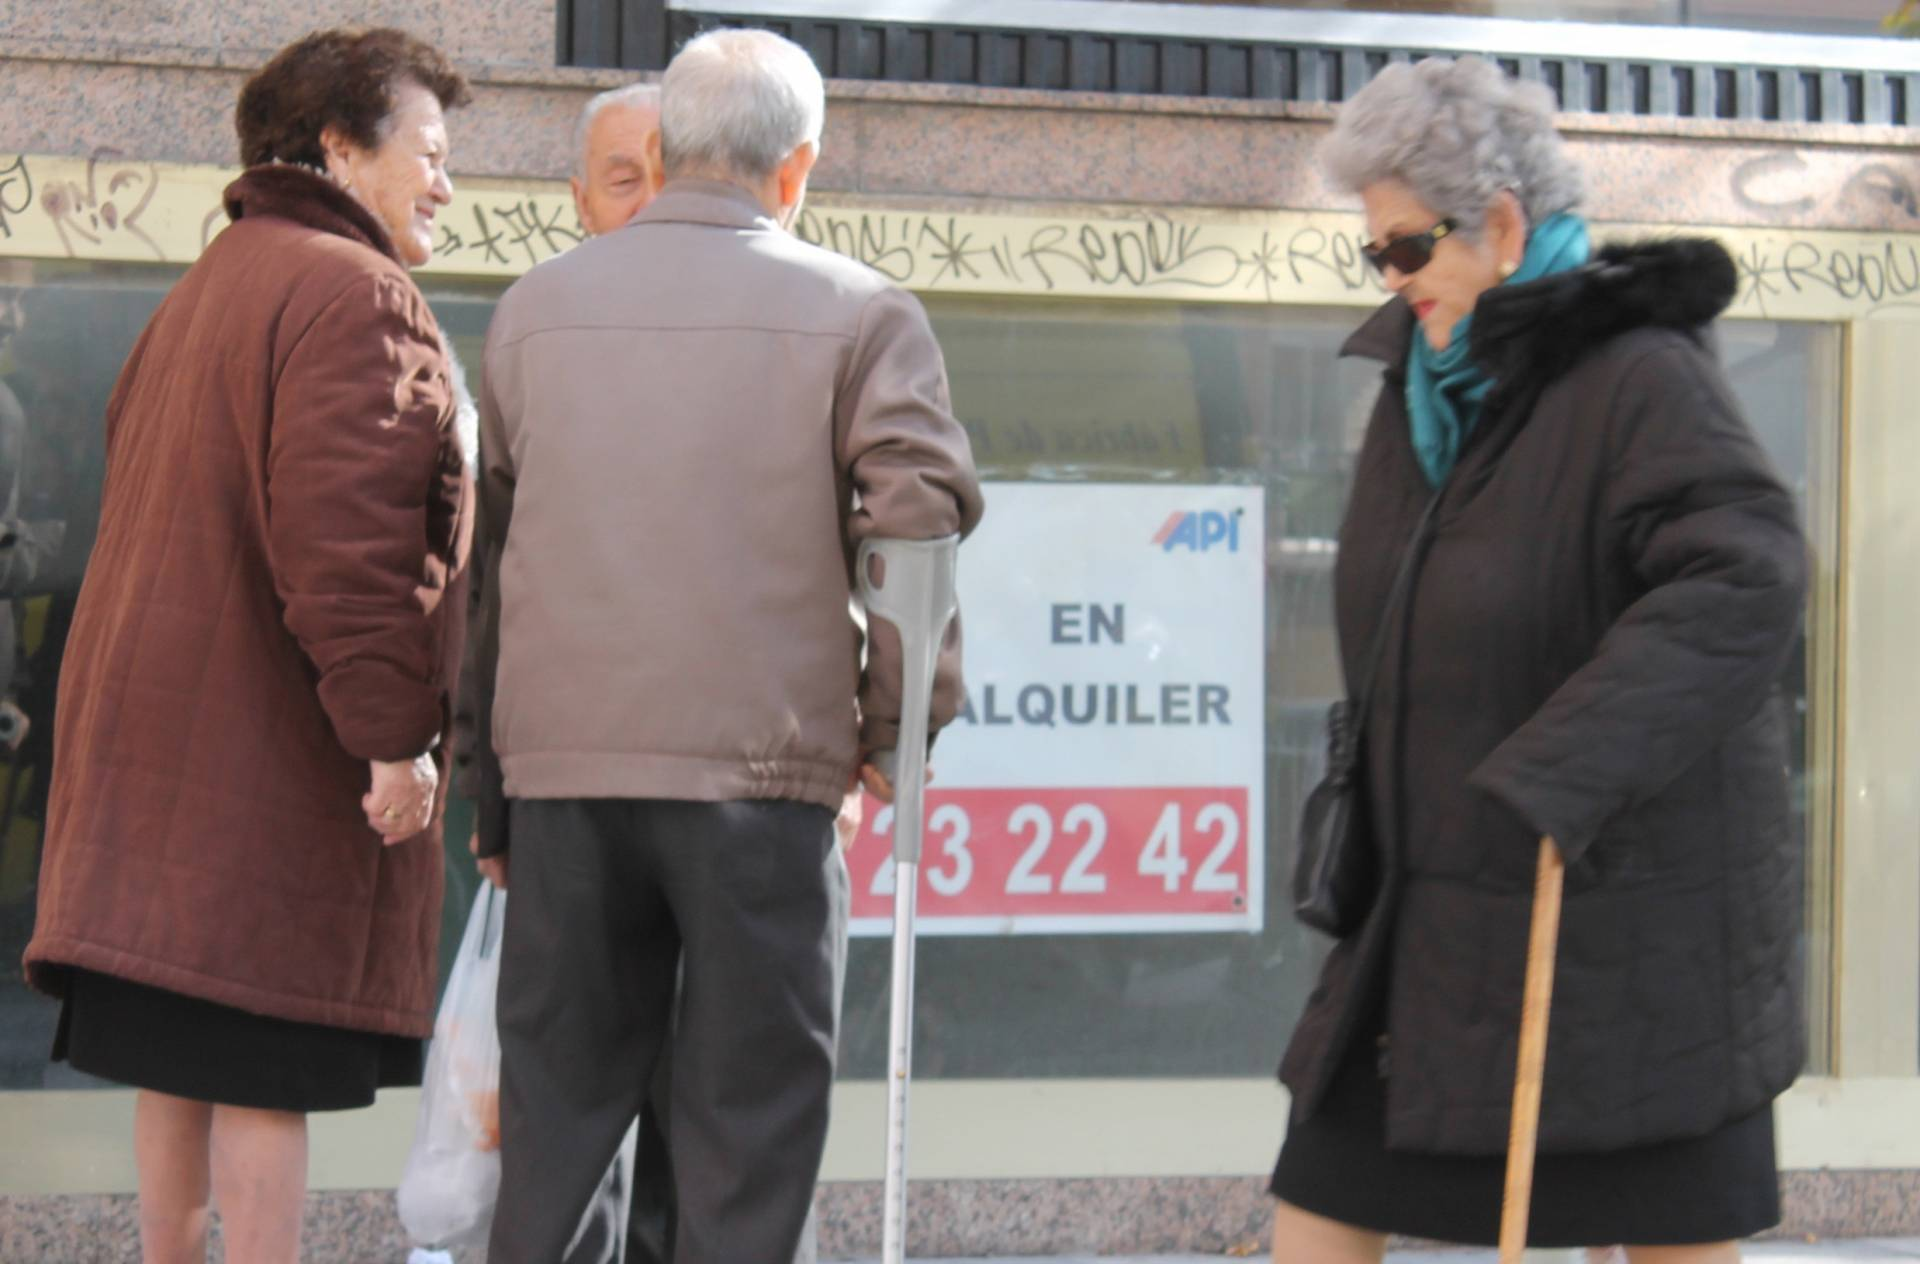 El gasto en pensiones vuelve a superar su récord: 10.180 millones en junio